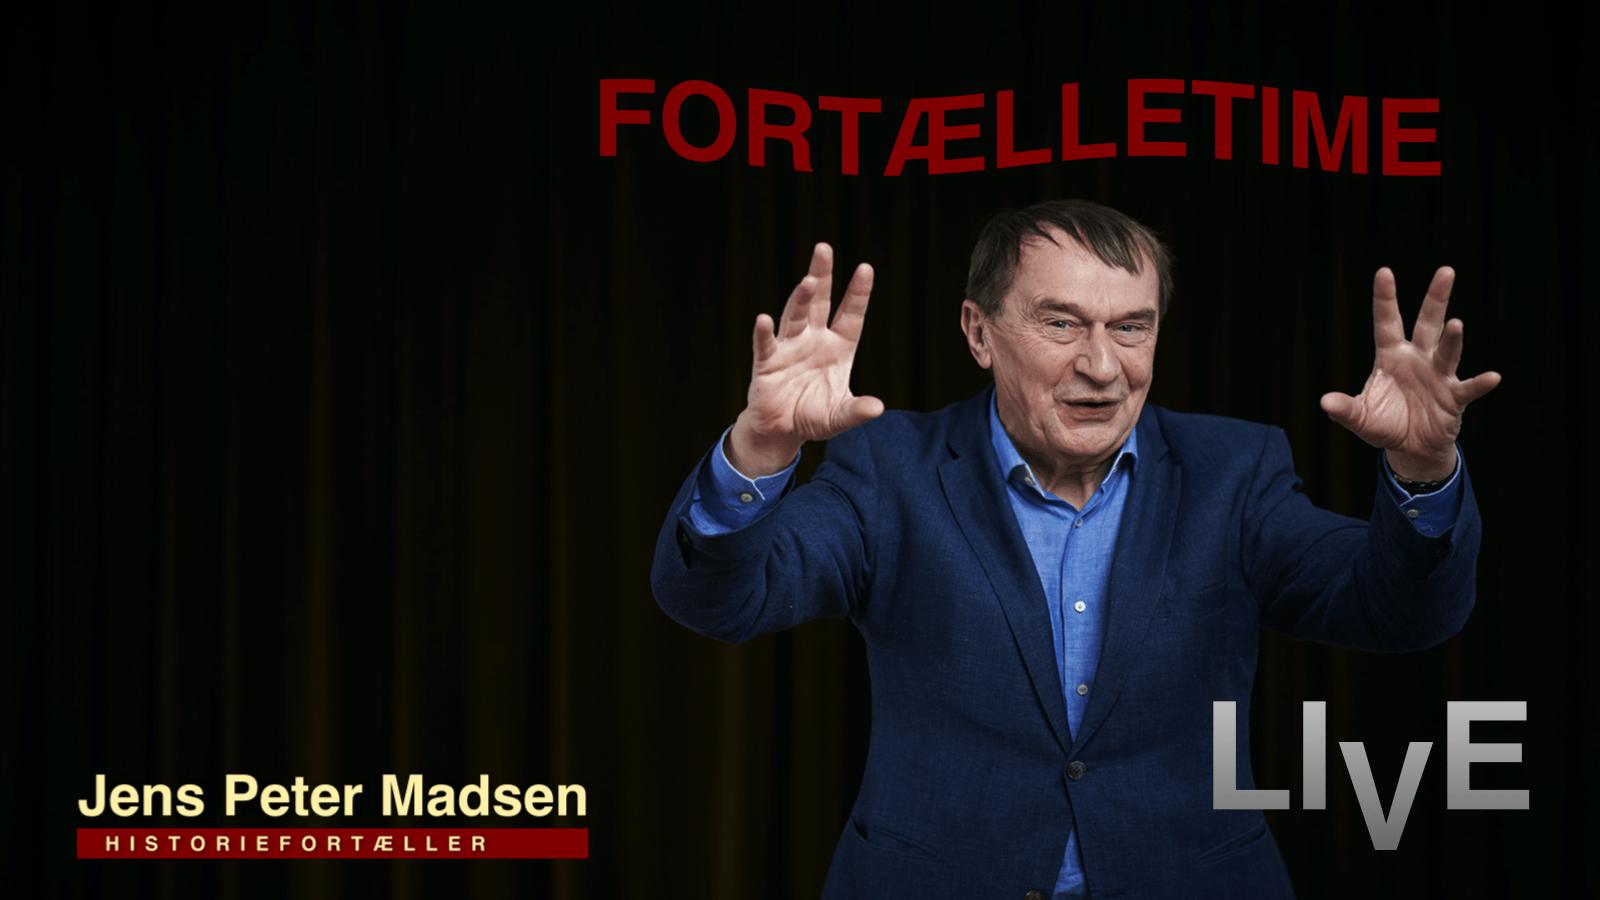 fortælletime ved Jens Peter Madsen  – Fotograf Ard Jongsma